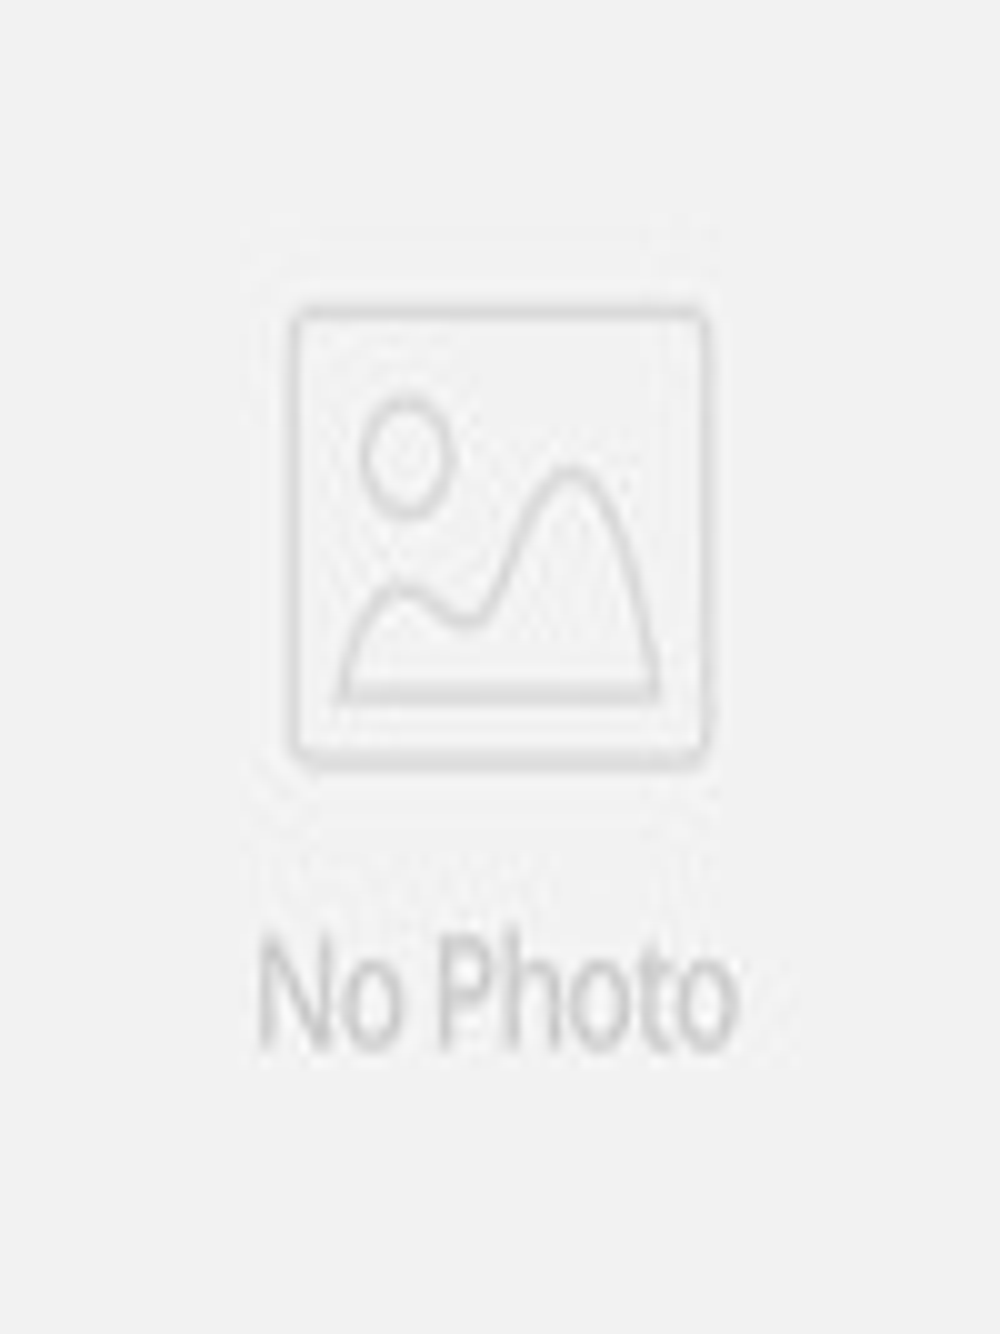 Самое красивое платье для девочки на новый год